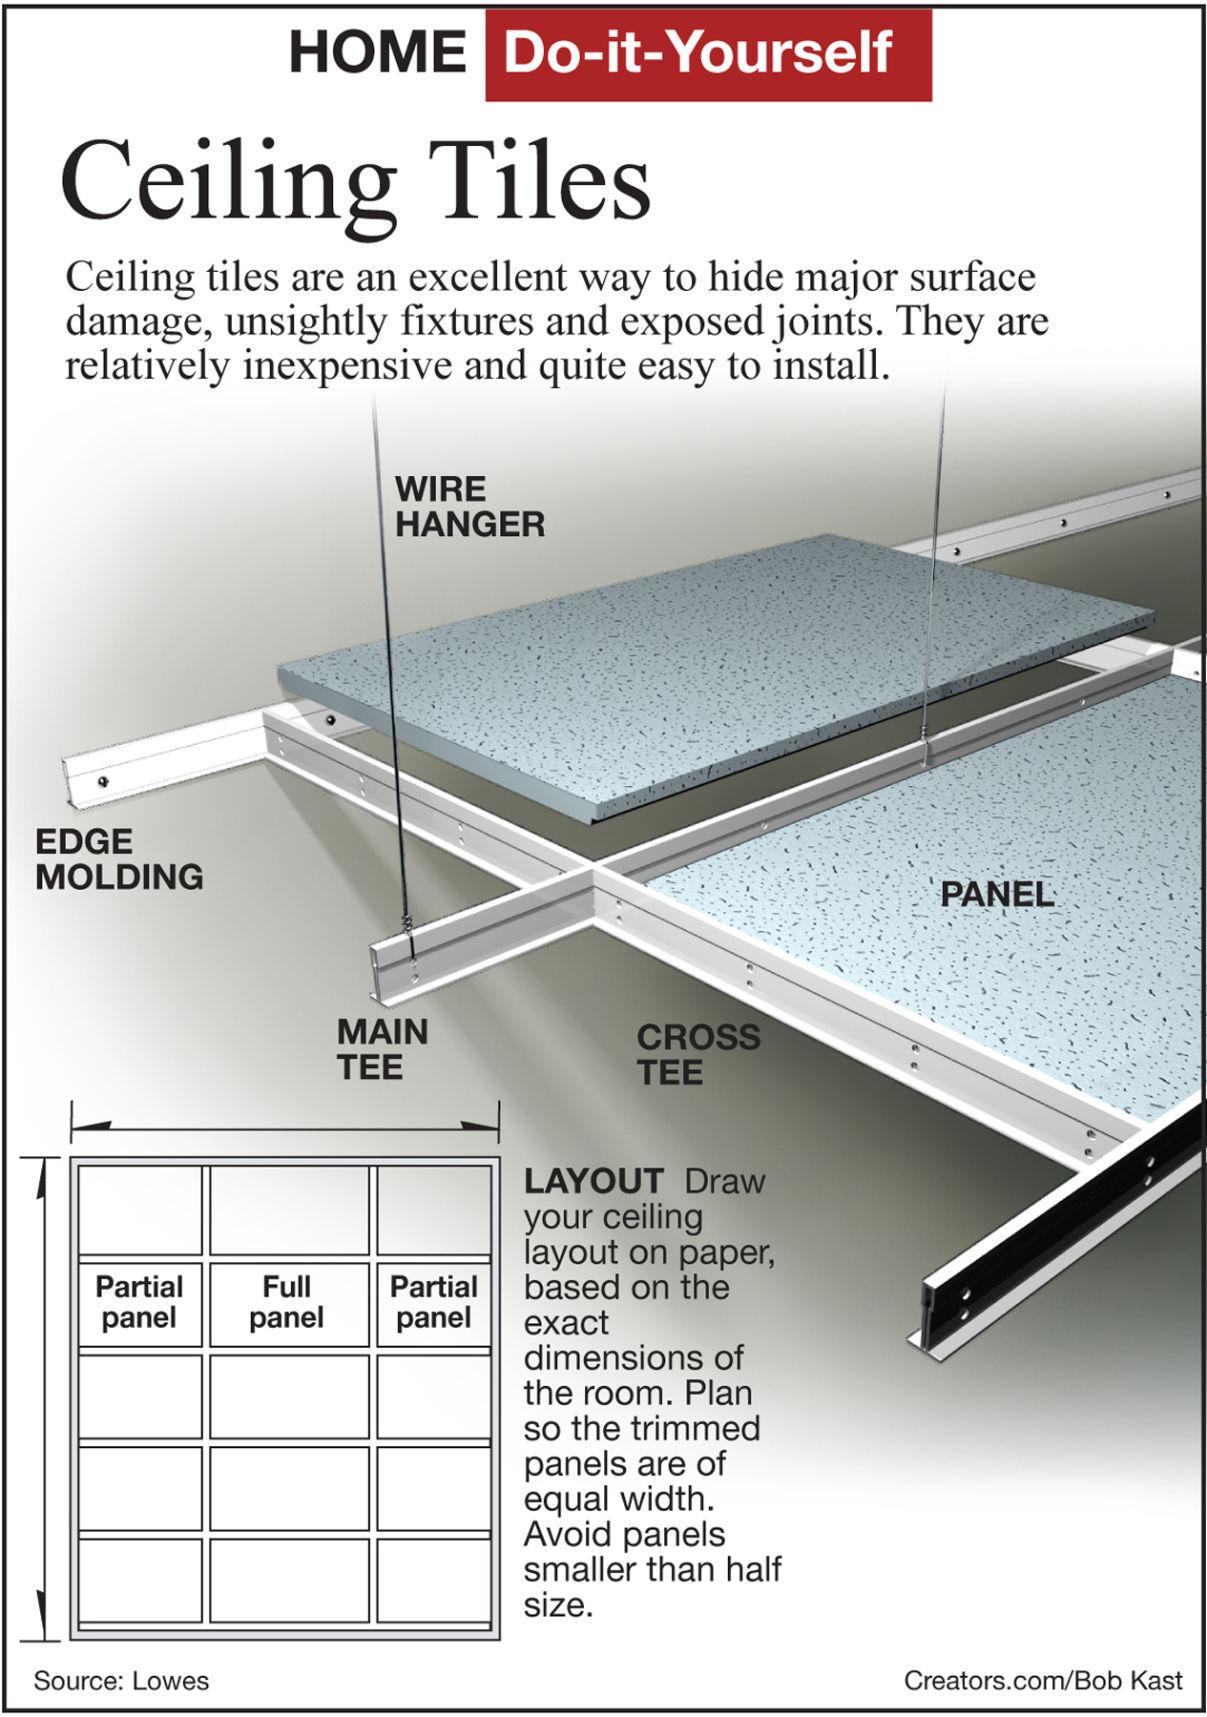 Grid ceiling tiles sizes pranksenders grid ceiling tiles sizes pranksenders dailygadgetfo Gallery